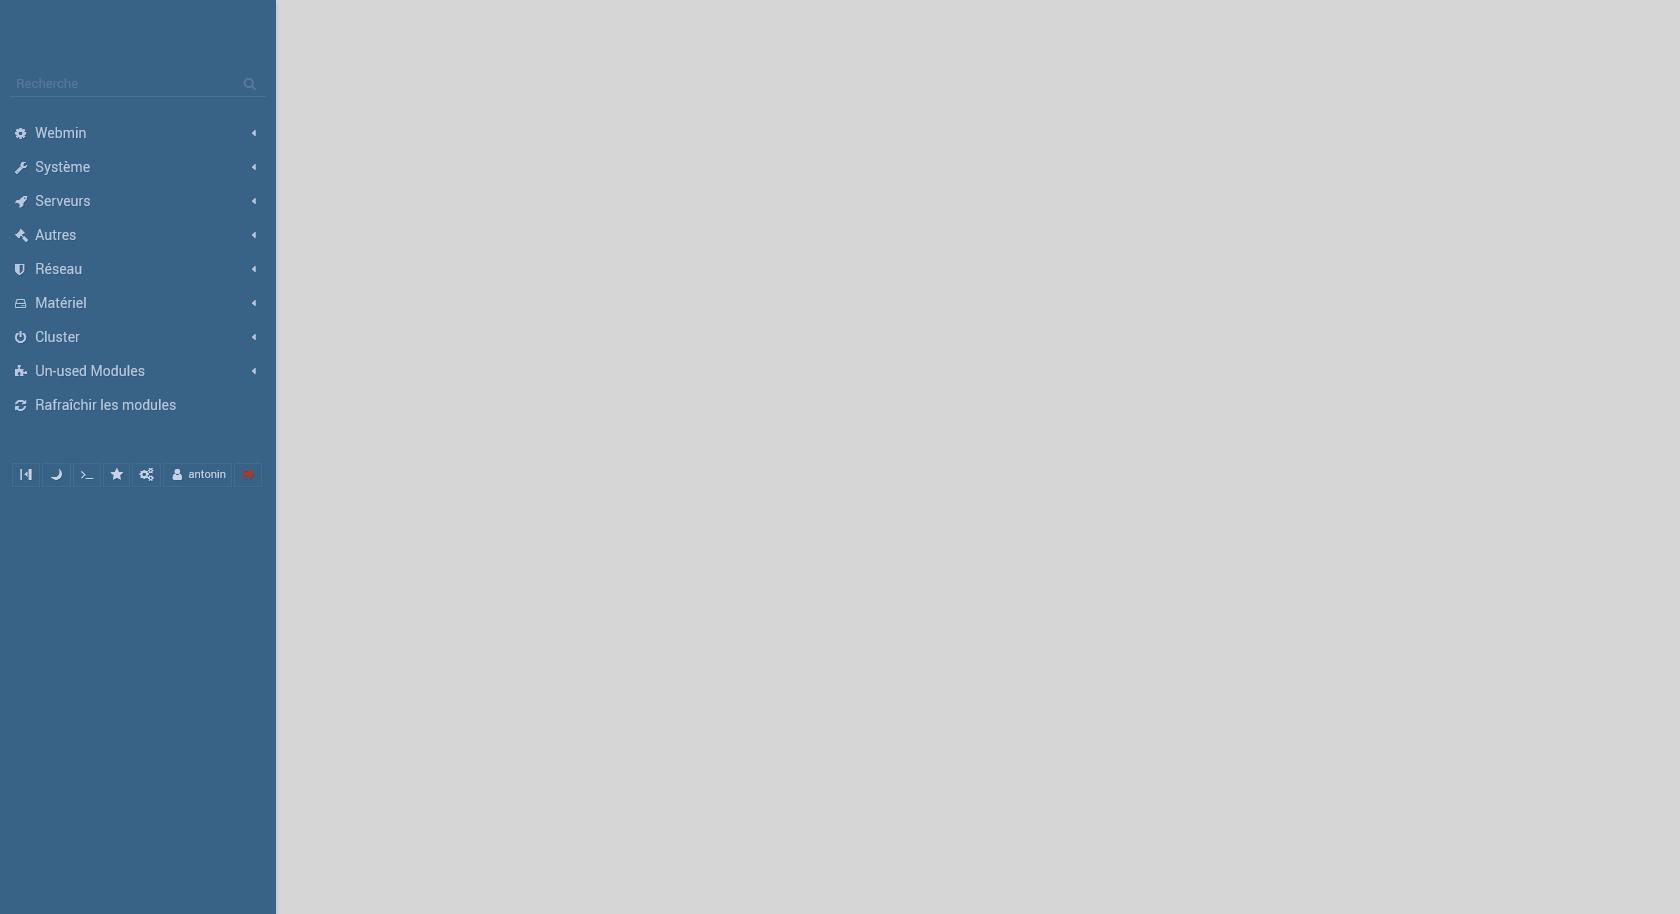 Nom : Screenshot_2019-03-14 Webmin 1 900 sur sbt53 ddns net (Ubuntu Linux 16 04 5).png Affichages : 12 Taille : 27,3 Ko